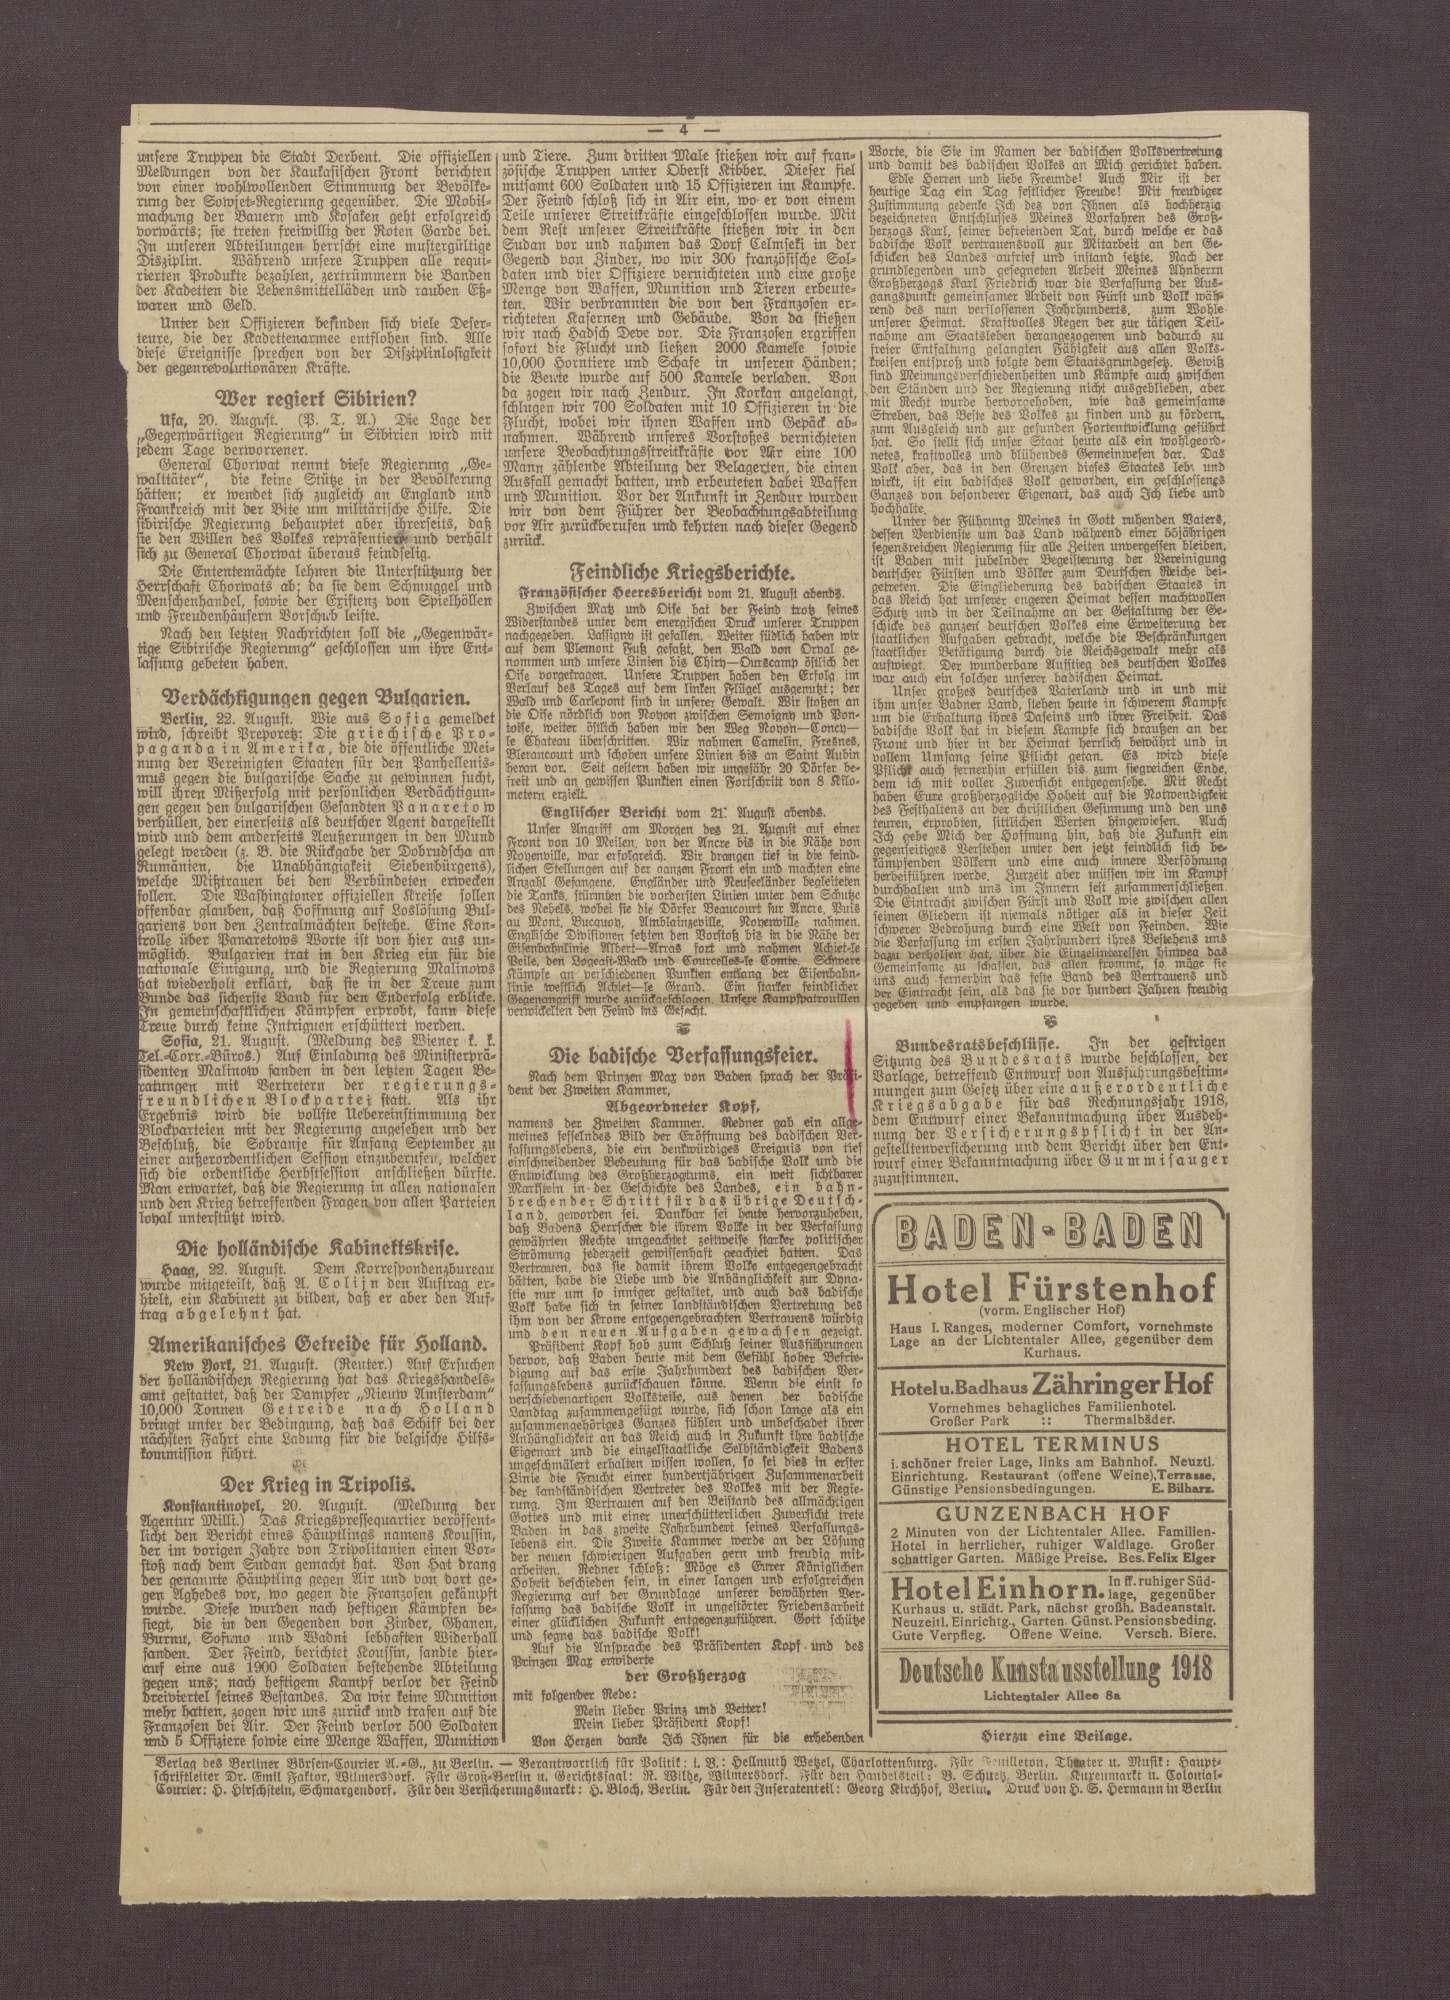 """Artikel aus dem Berliner Börsen-Courier: """"Gewaltiges Ringen an der Ancre und Somme"""", Bild 3"""